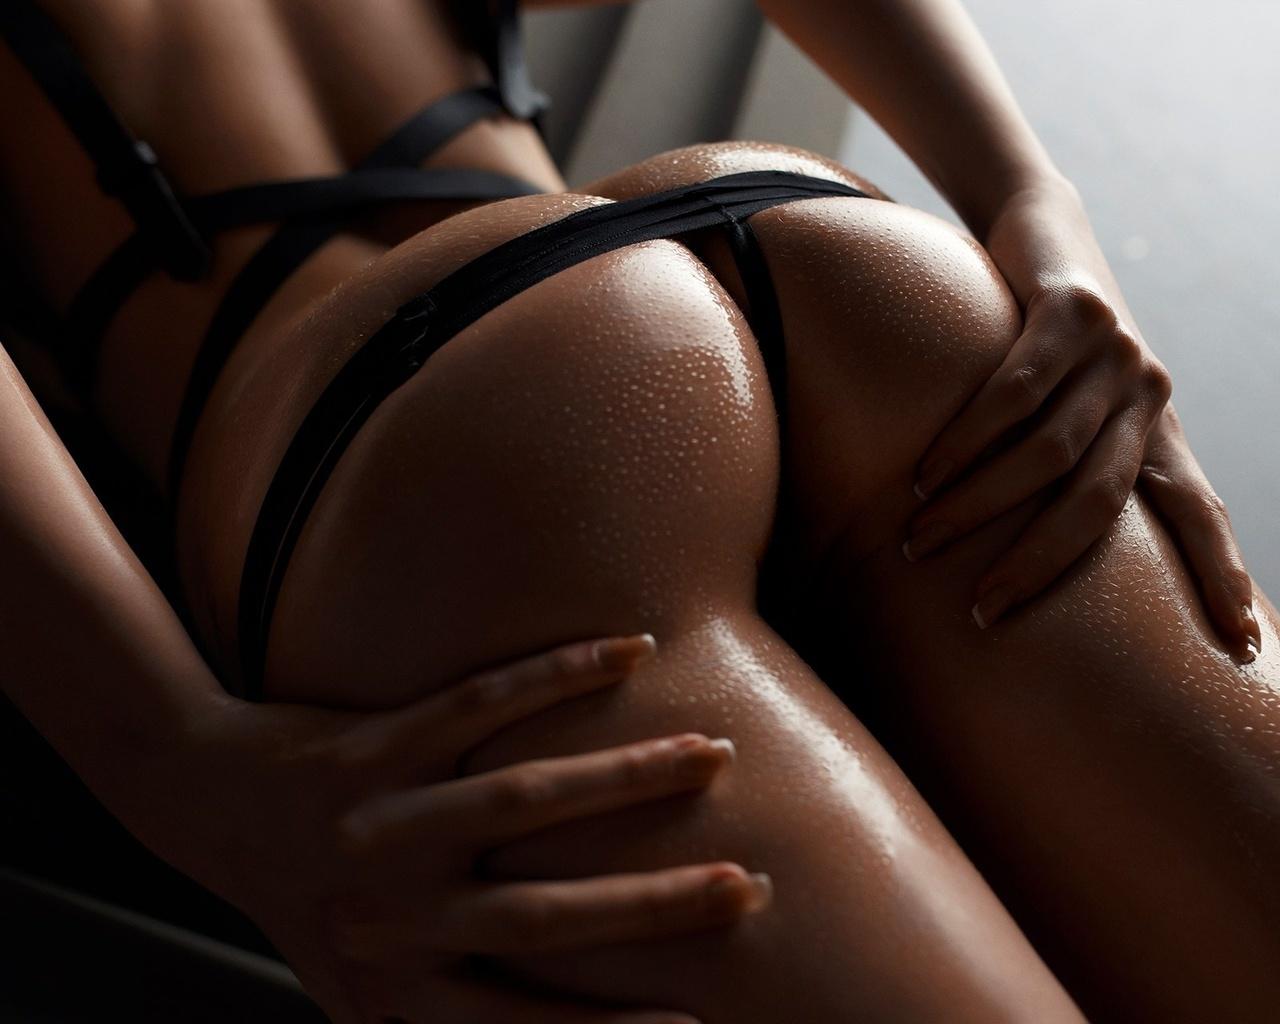 Эротический массаж рералита наперед, потом